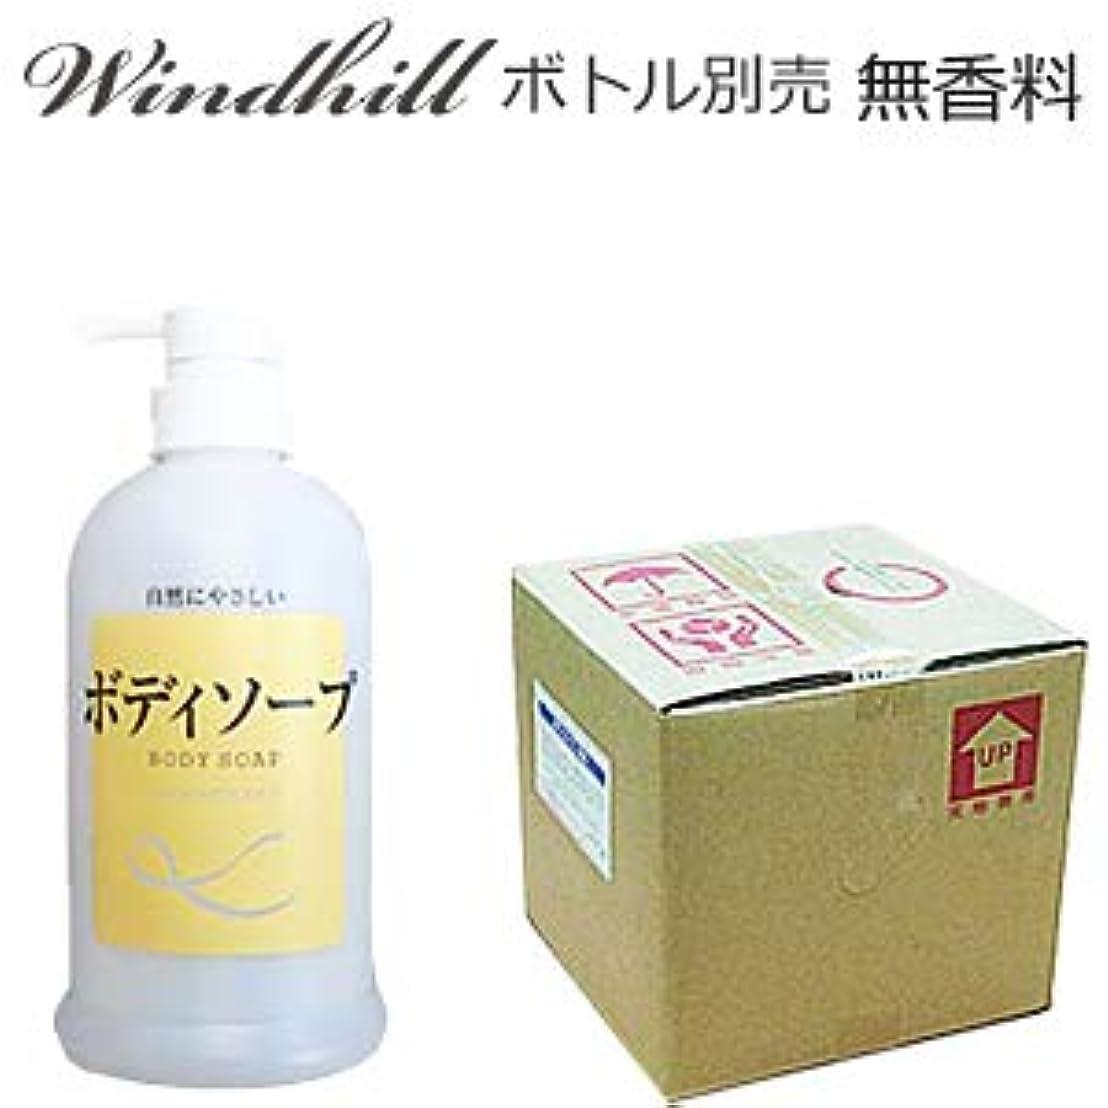 労苦一般的にプレートWindhill 植物性 業務用ボディソープ 無香料 20L(1セット20L入)